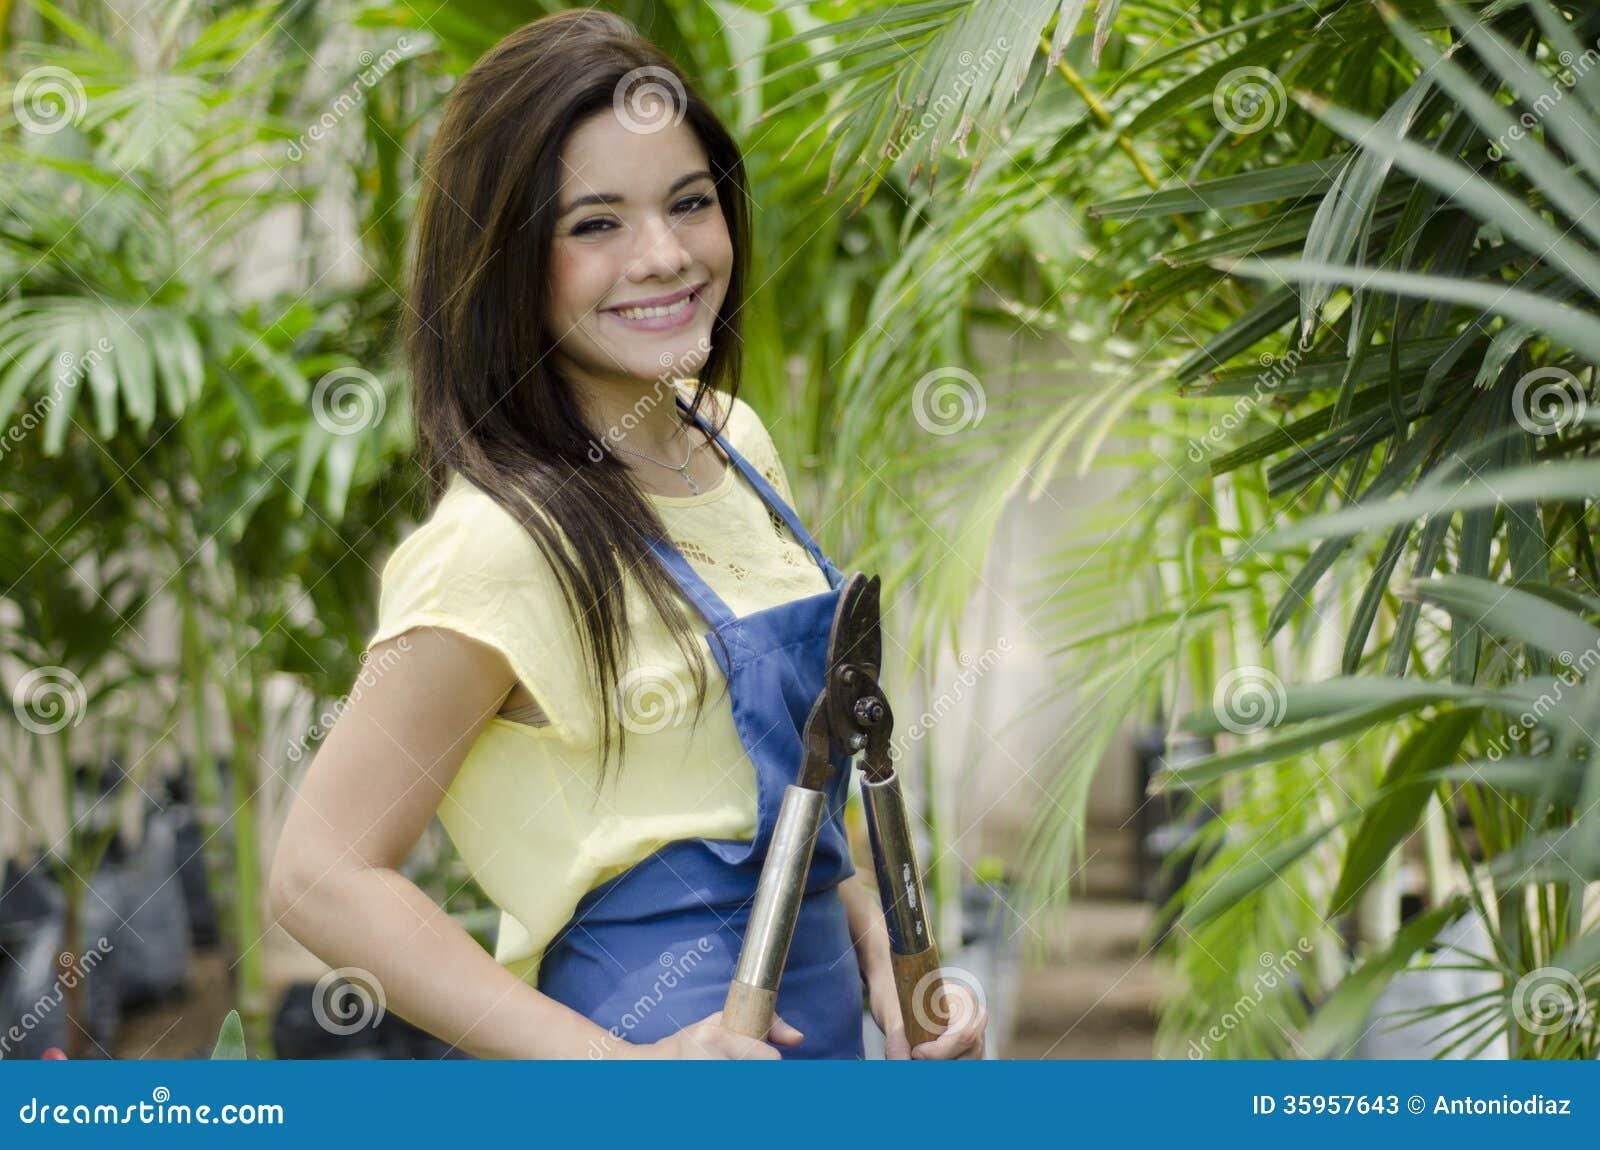 Cortar algunas ramas en el trabajo